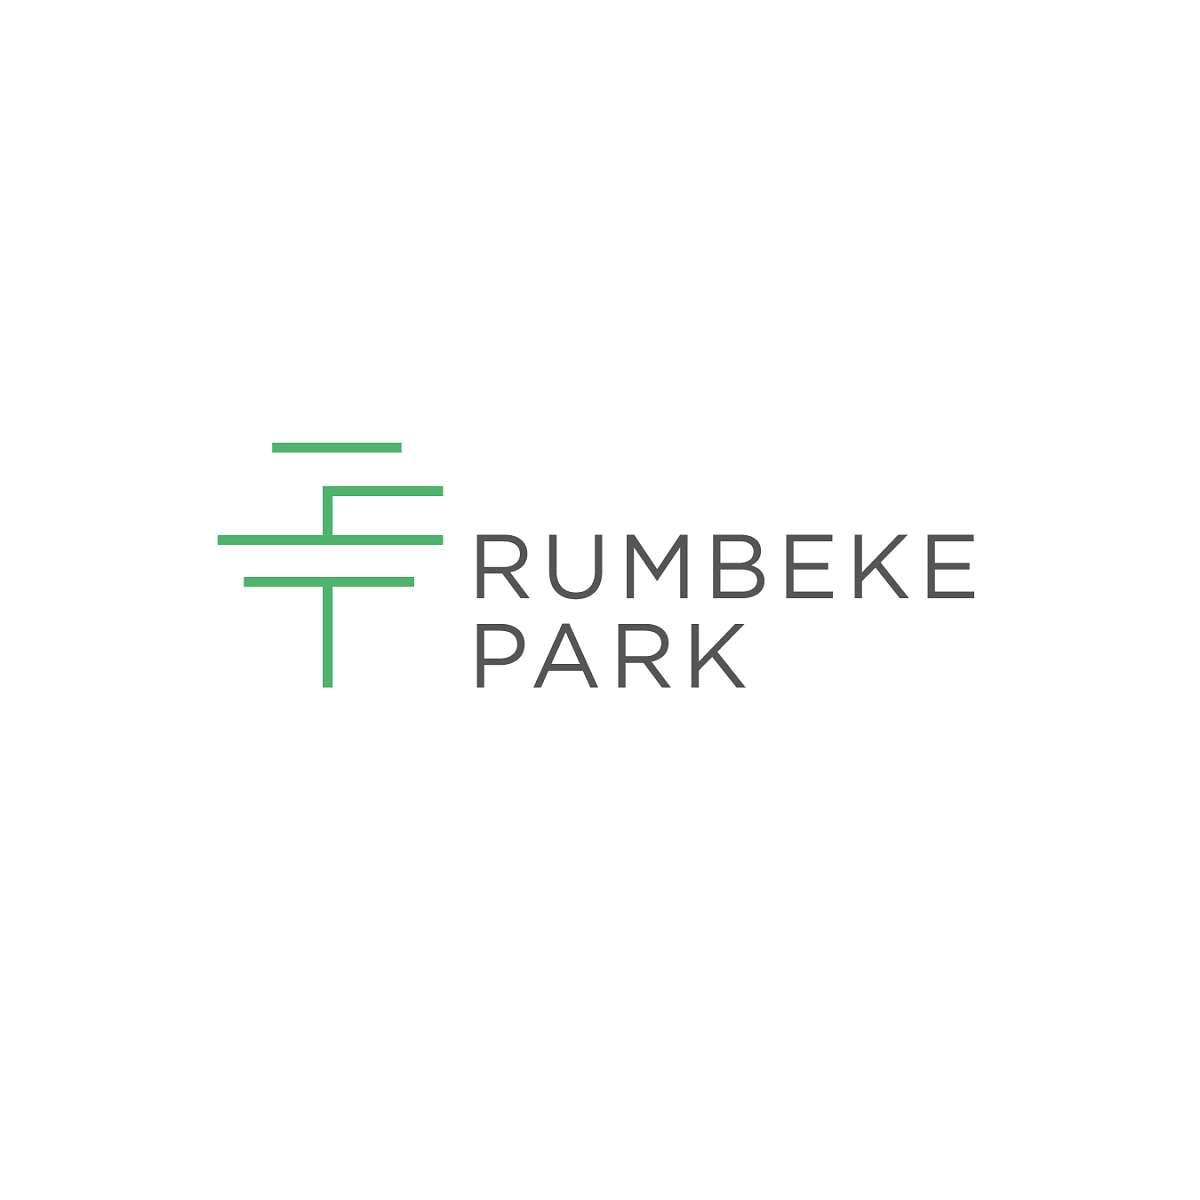 Rumbeke Park